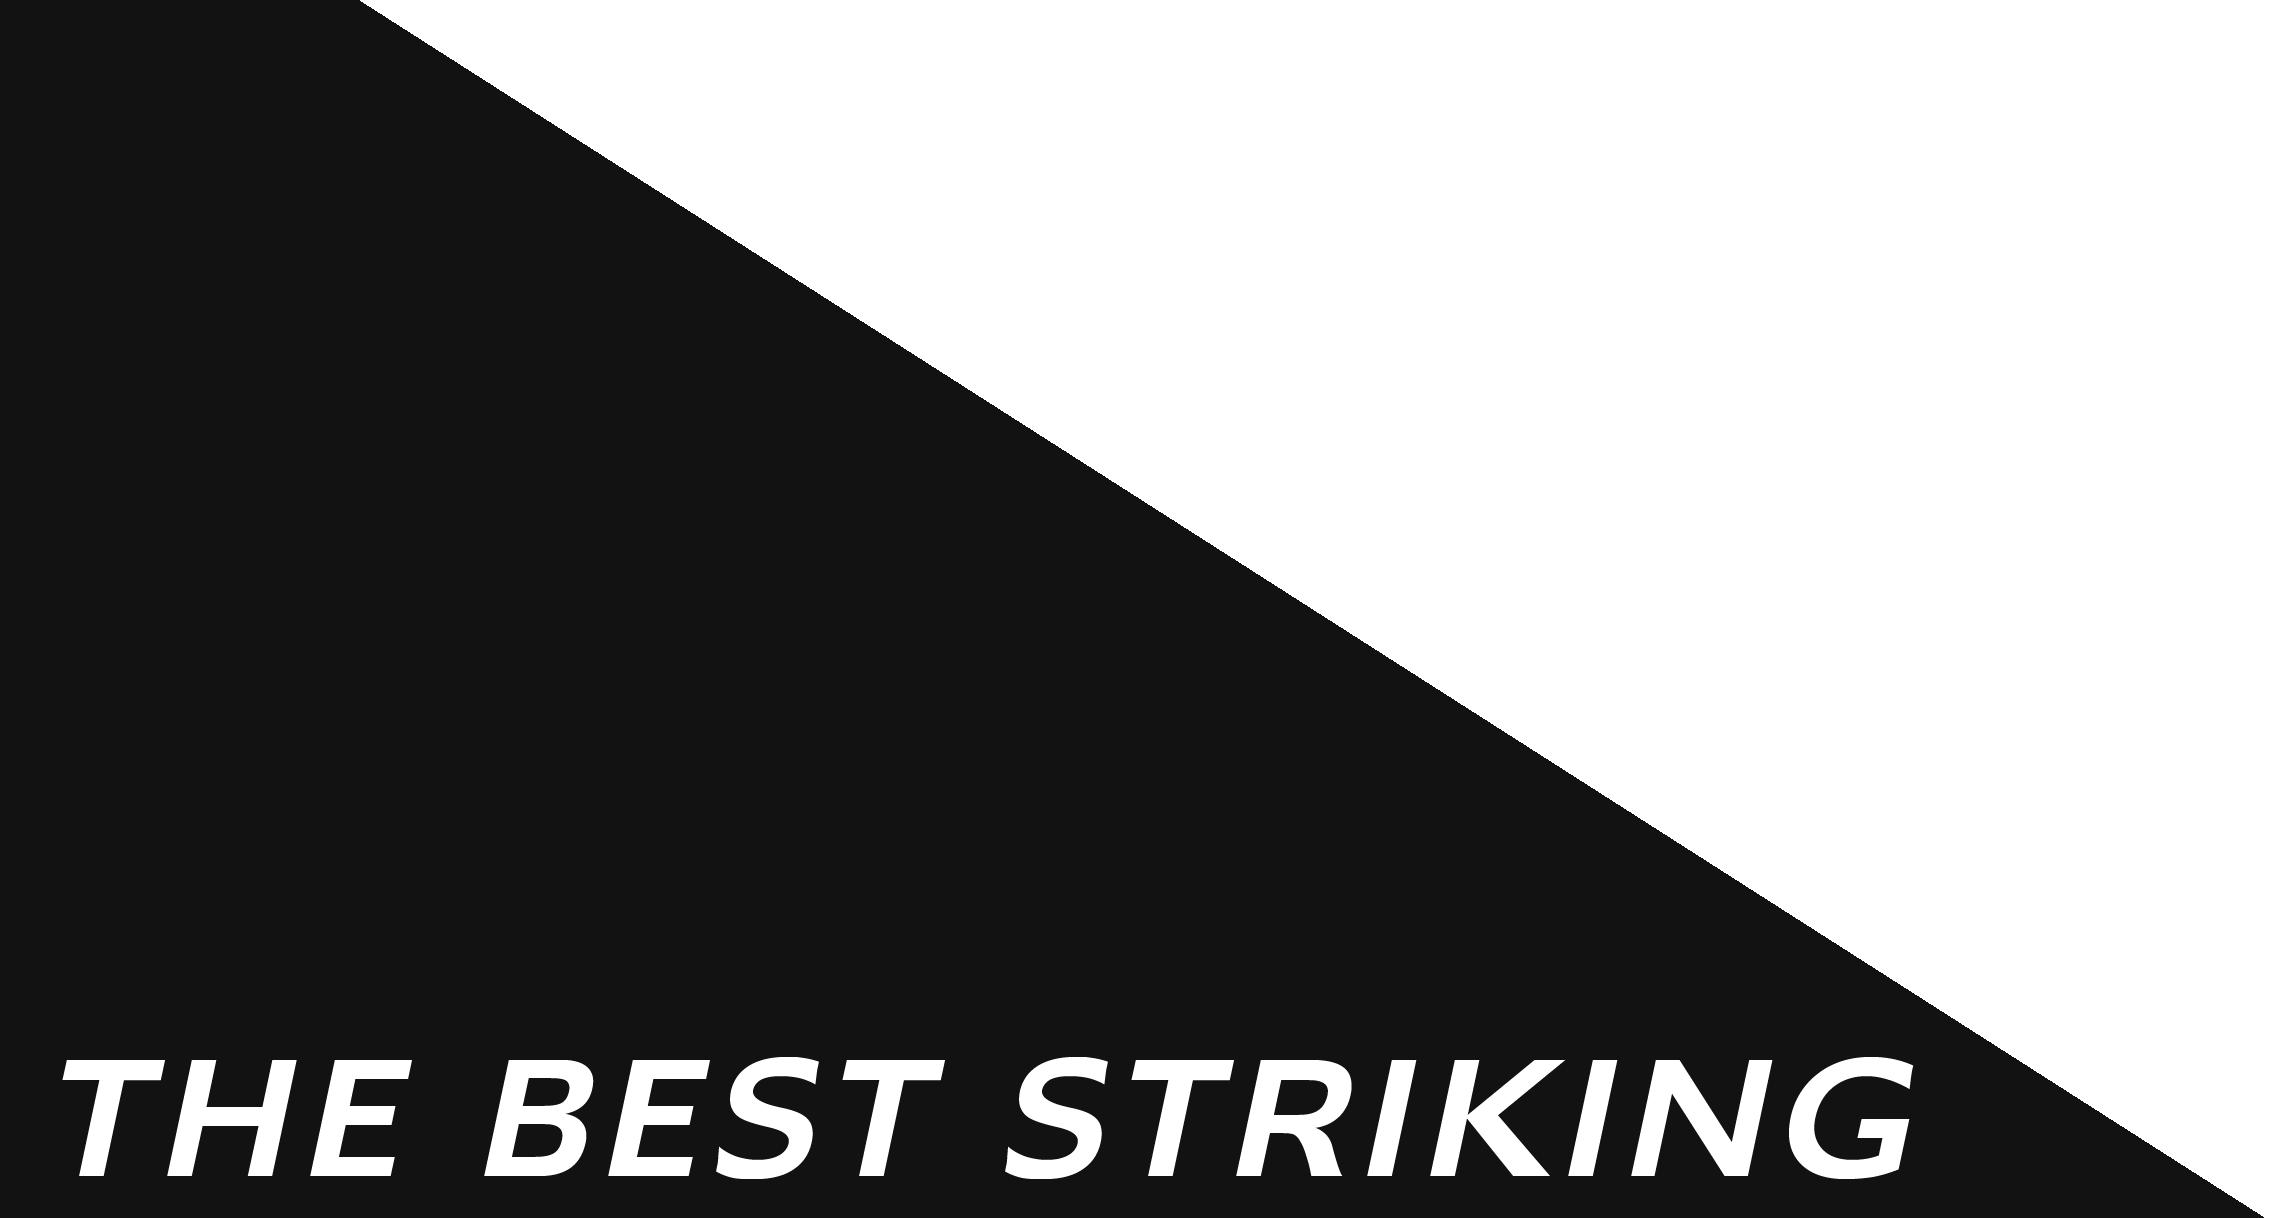 THE BEST STRIKING